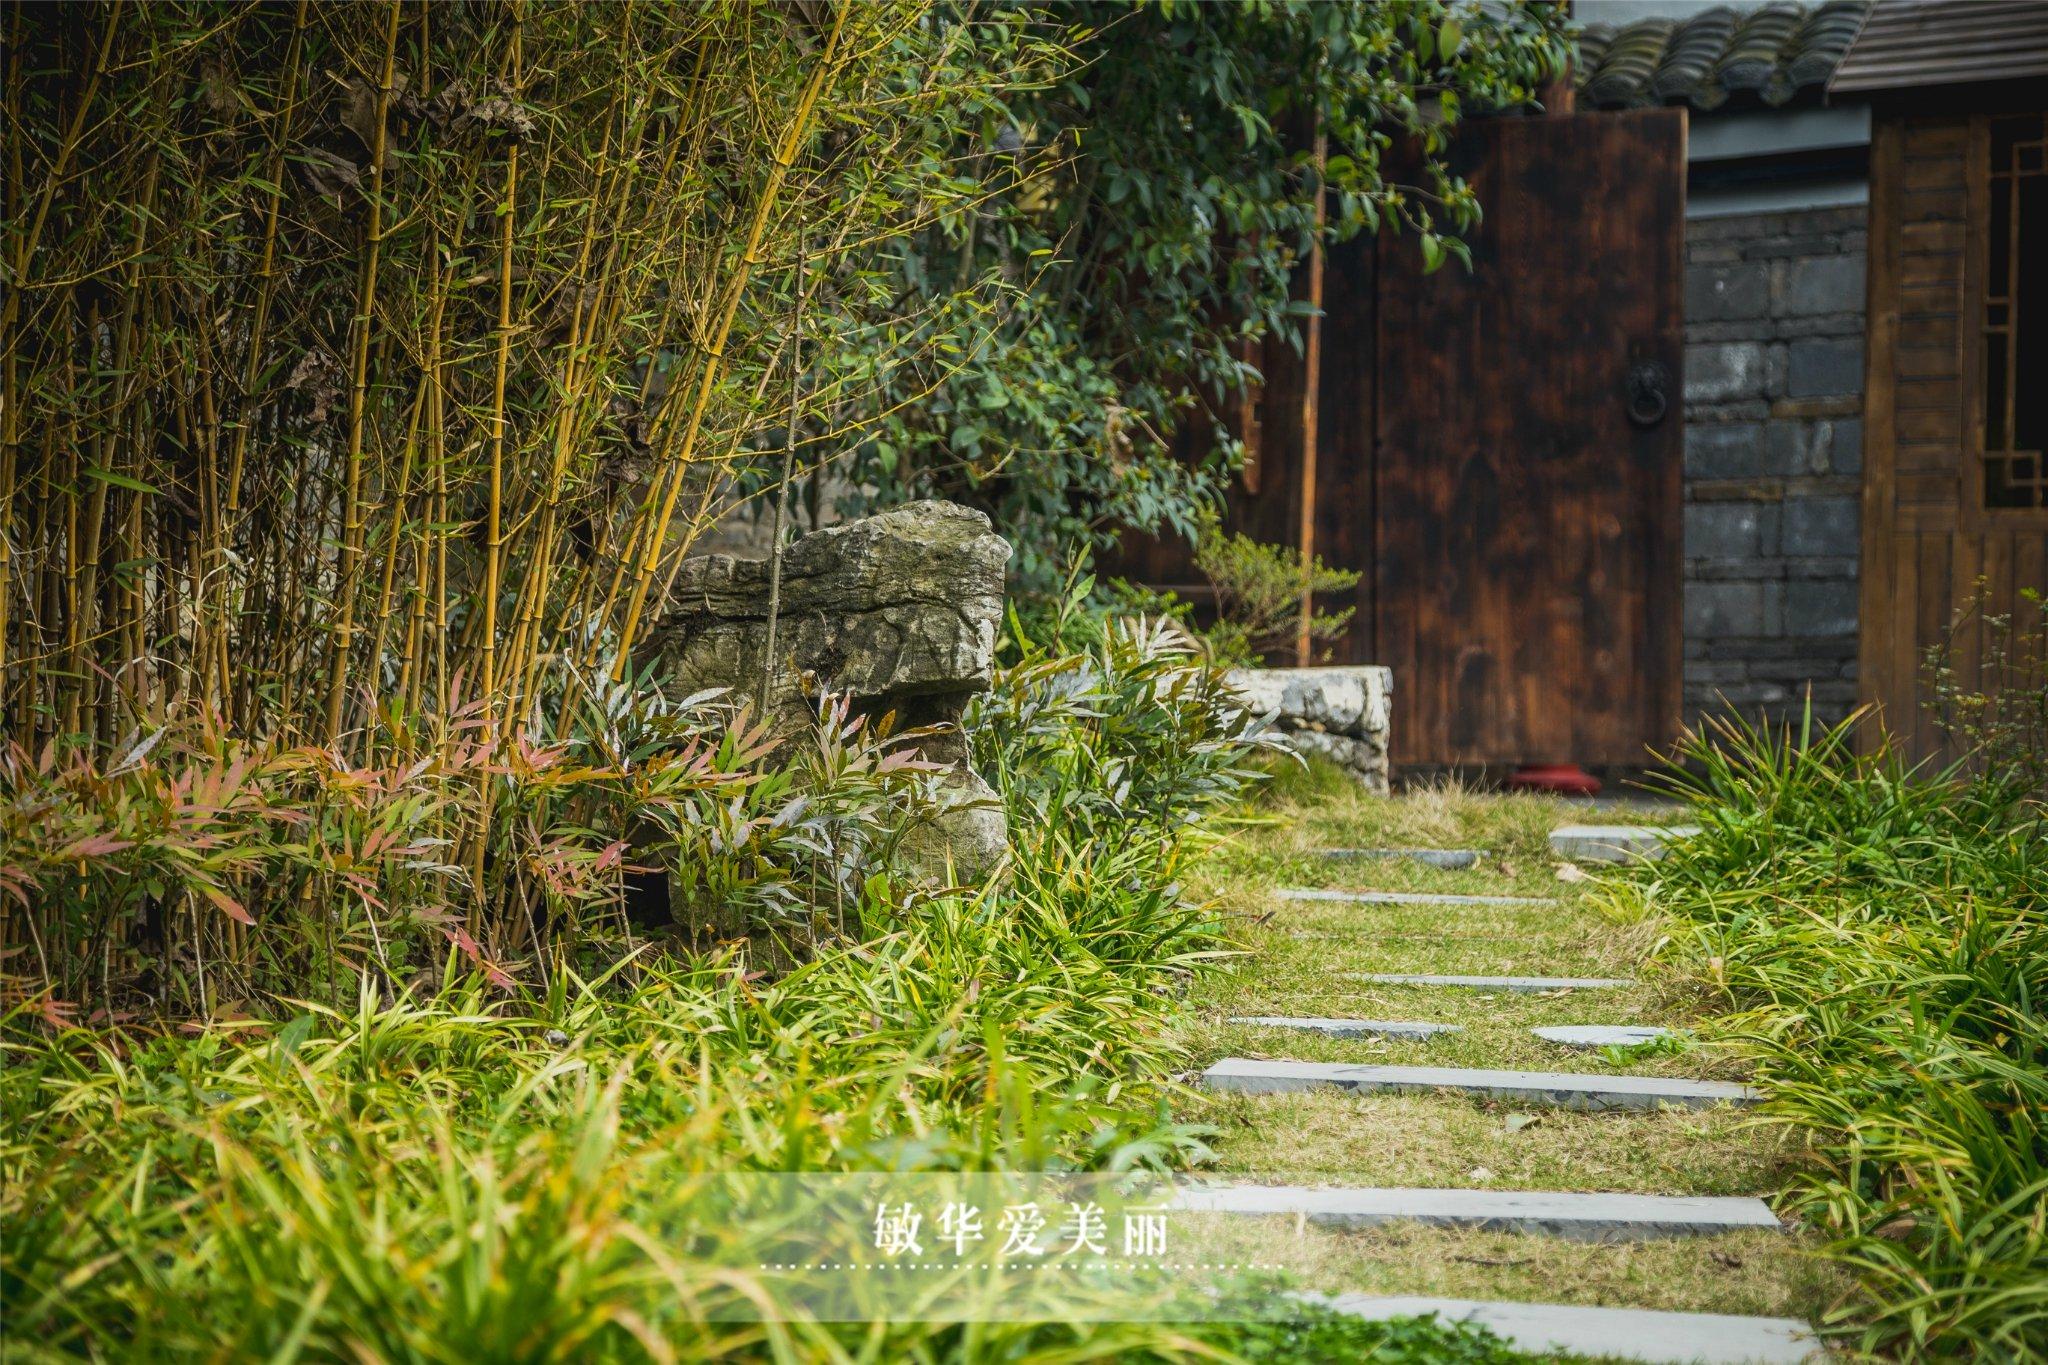 贵阳青岩,这里有六百年前的古韵味,这里有诗和远方